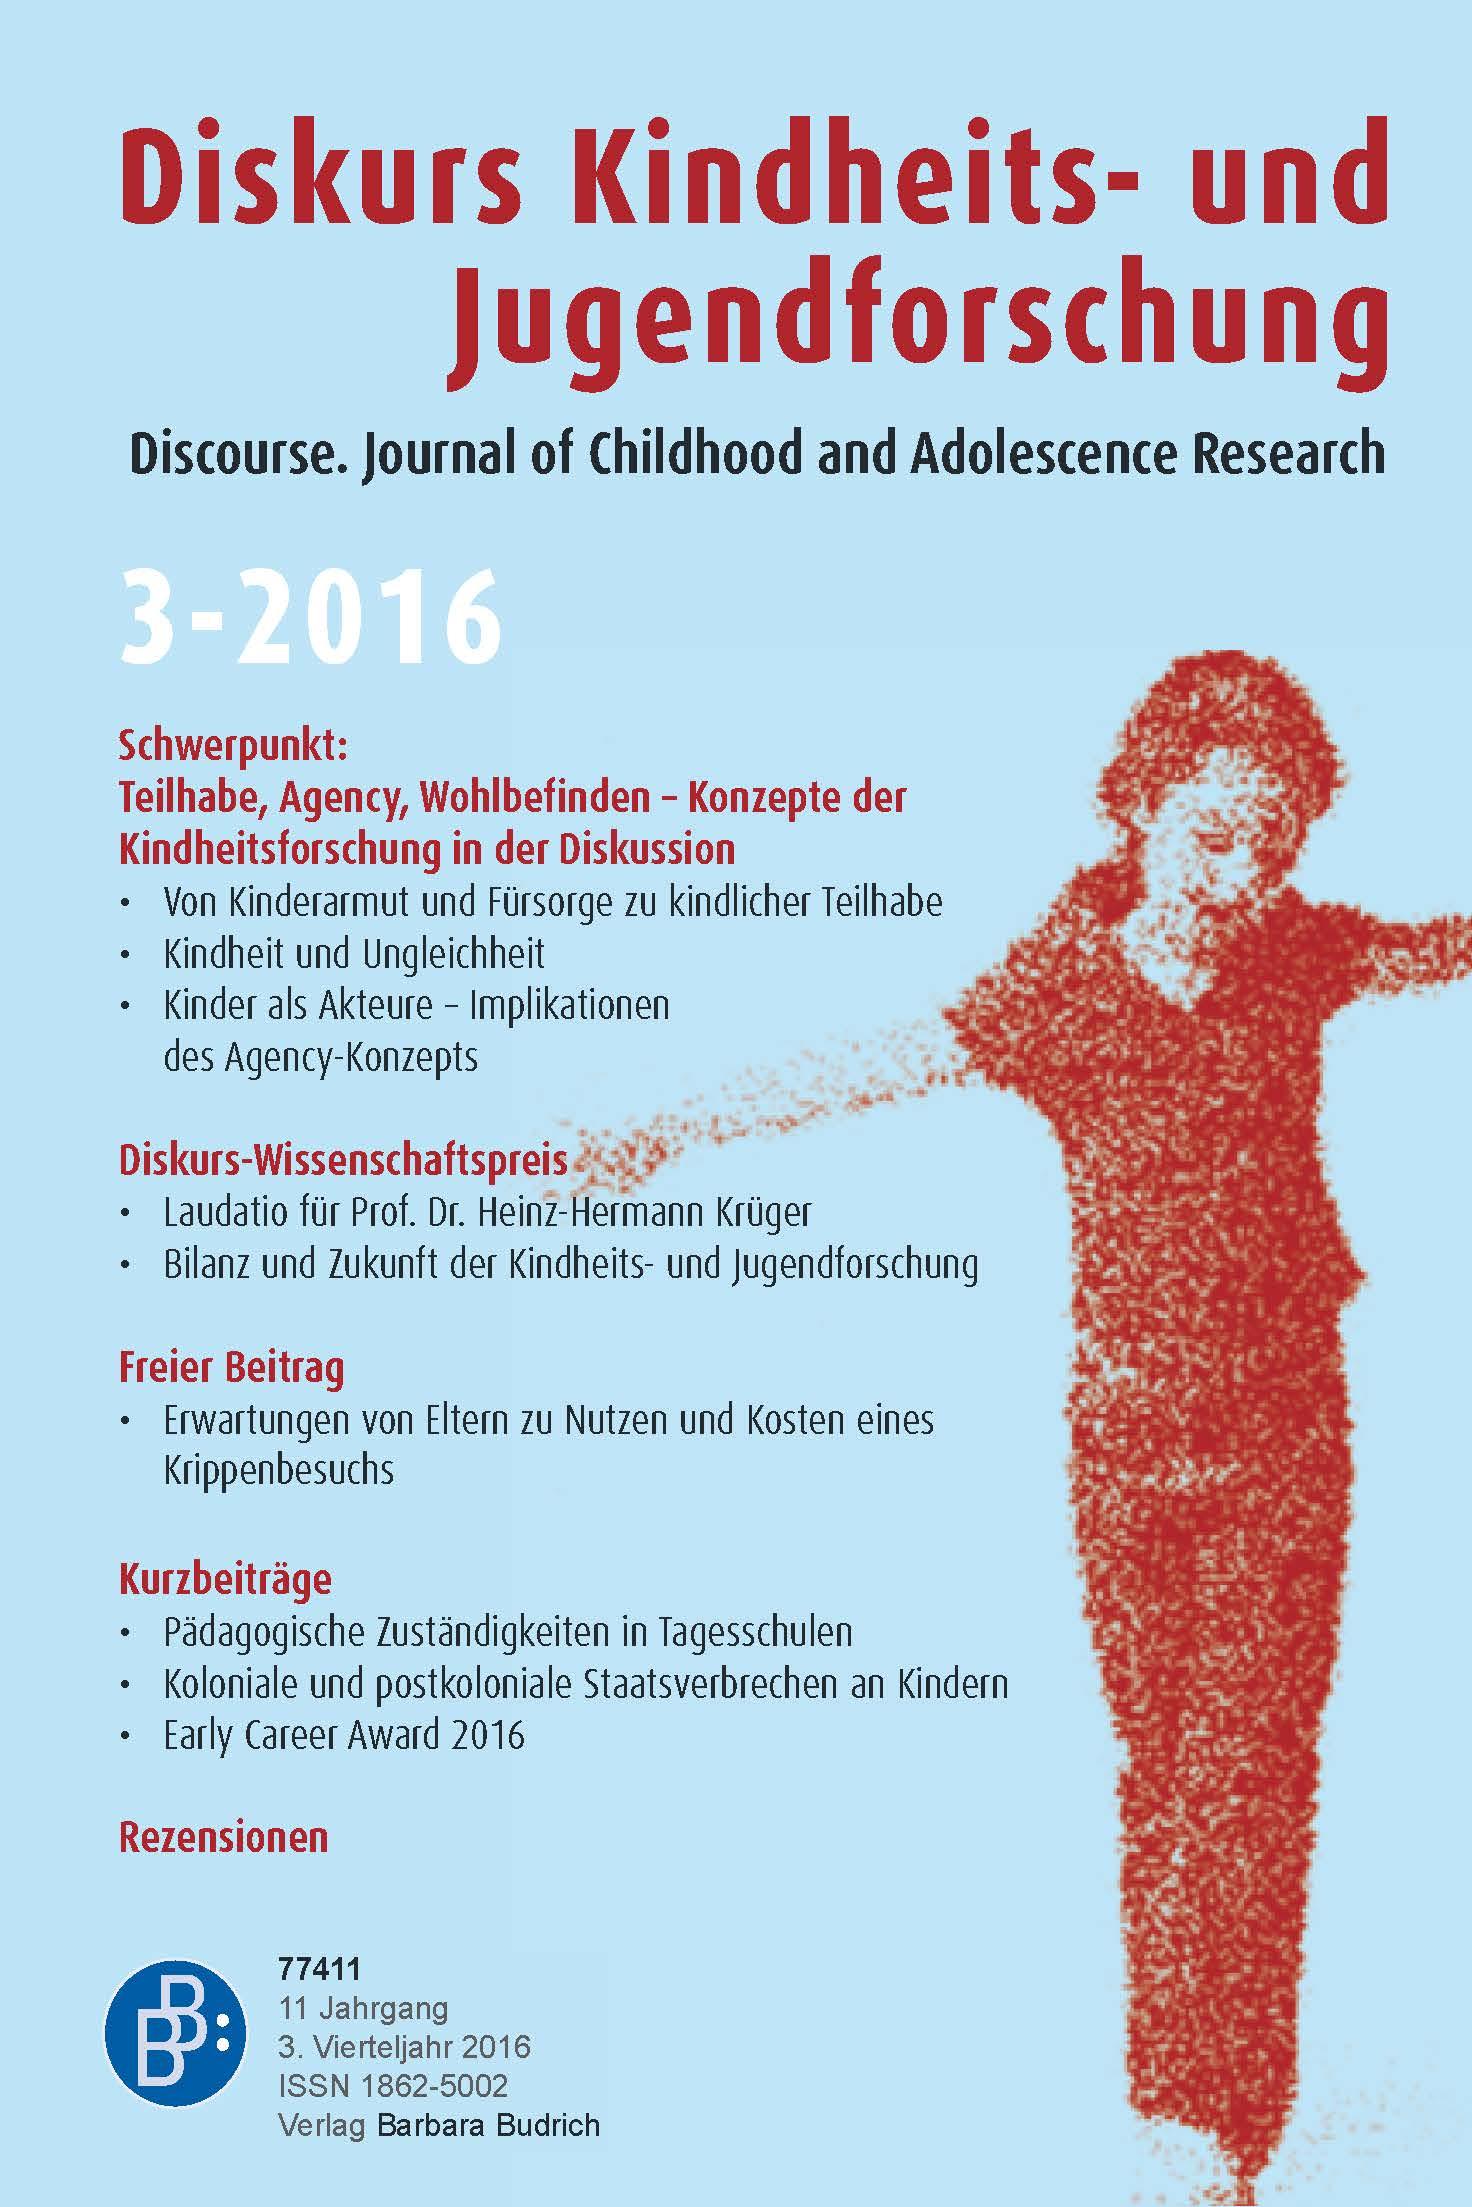 Diskurs 3-2016 | Teilhabe, Agency, Wohlbefinden – Konzepte der Kindheitsforschung in der Diskussion